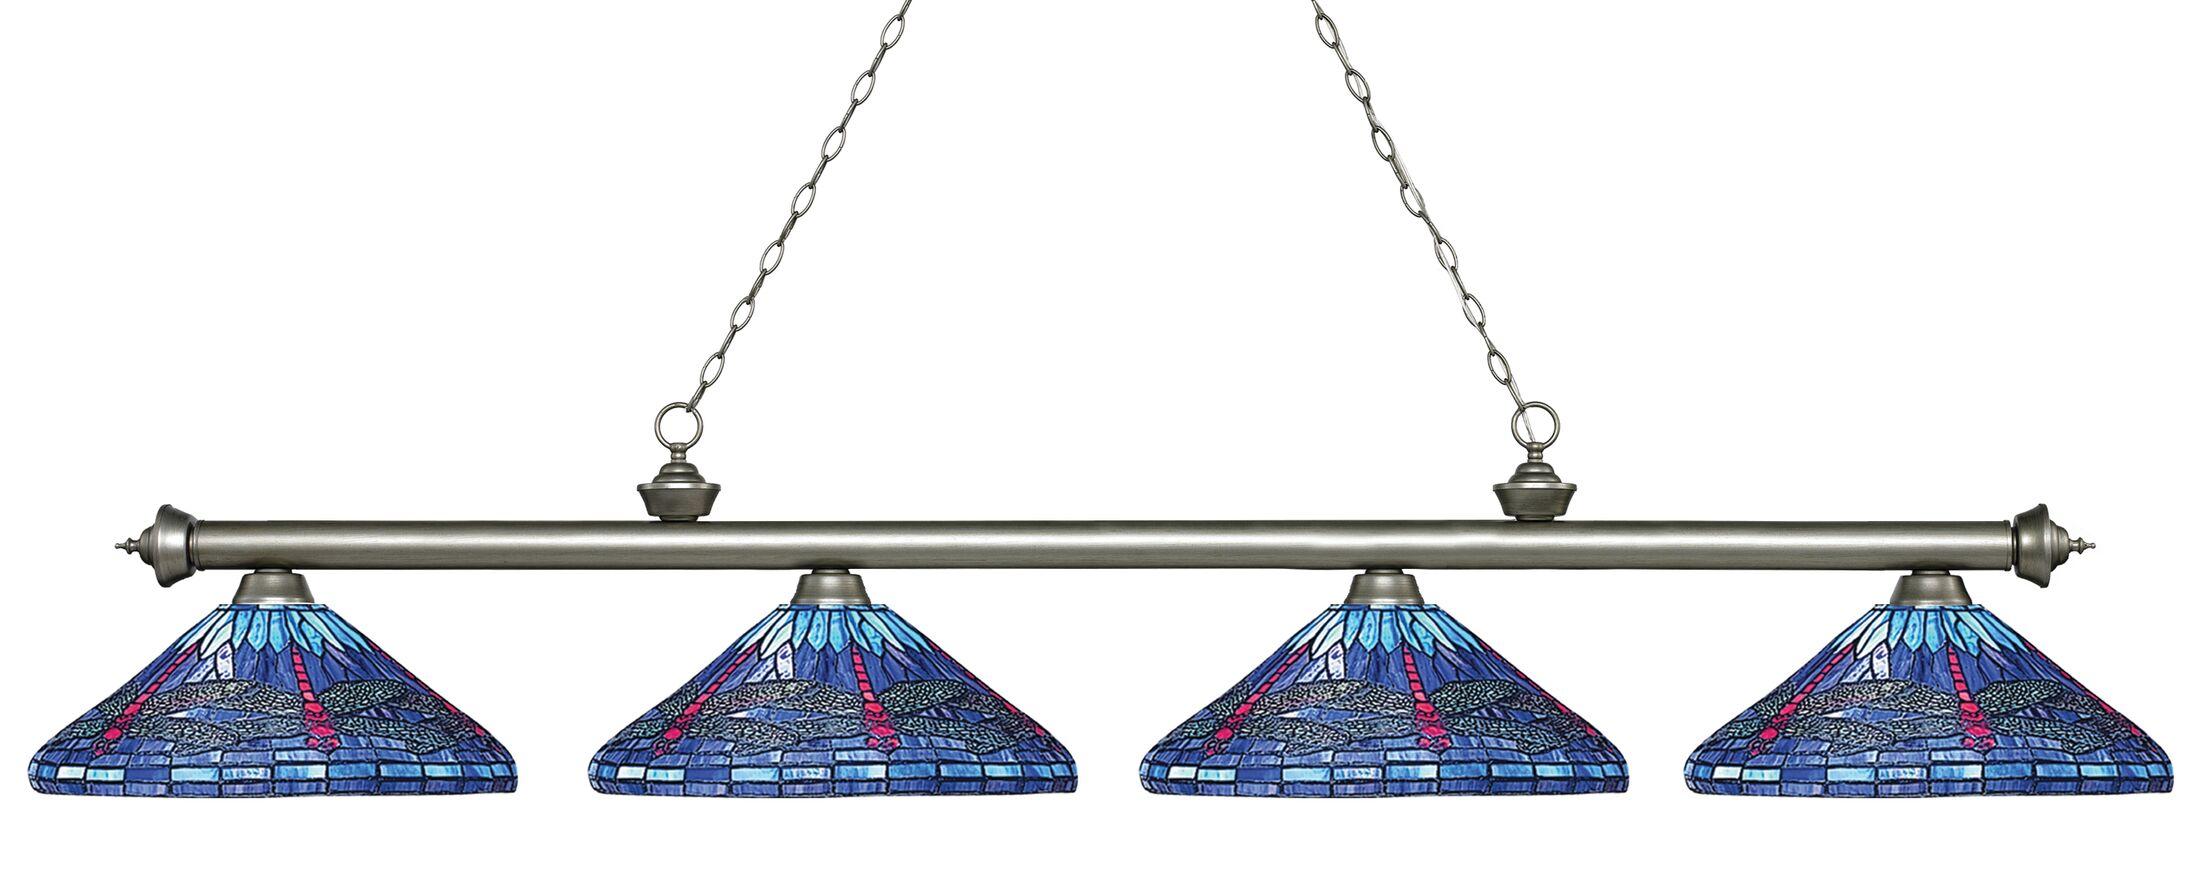 Earleville 4-Light Billiard Light Finish: Antique Silver